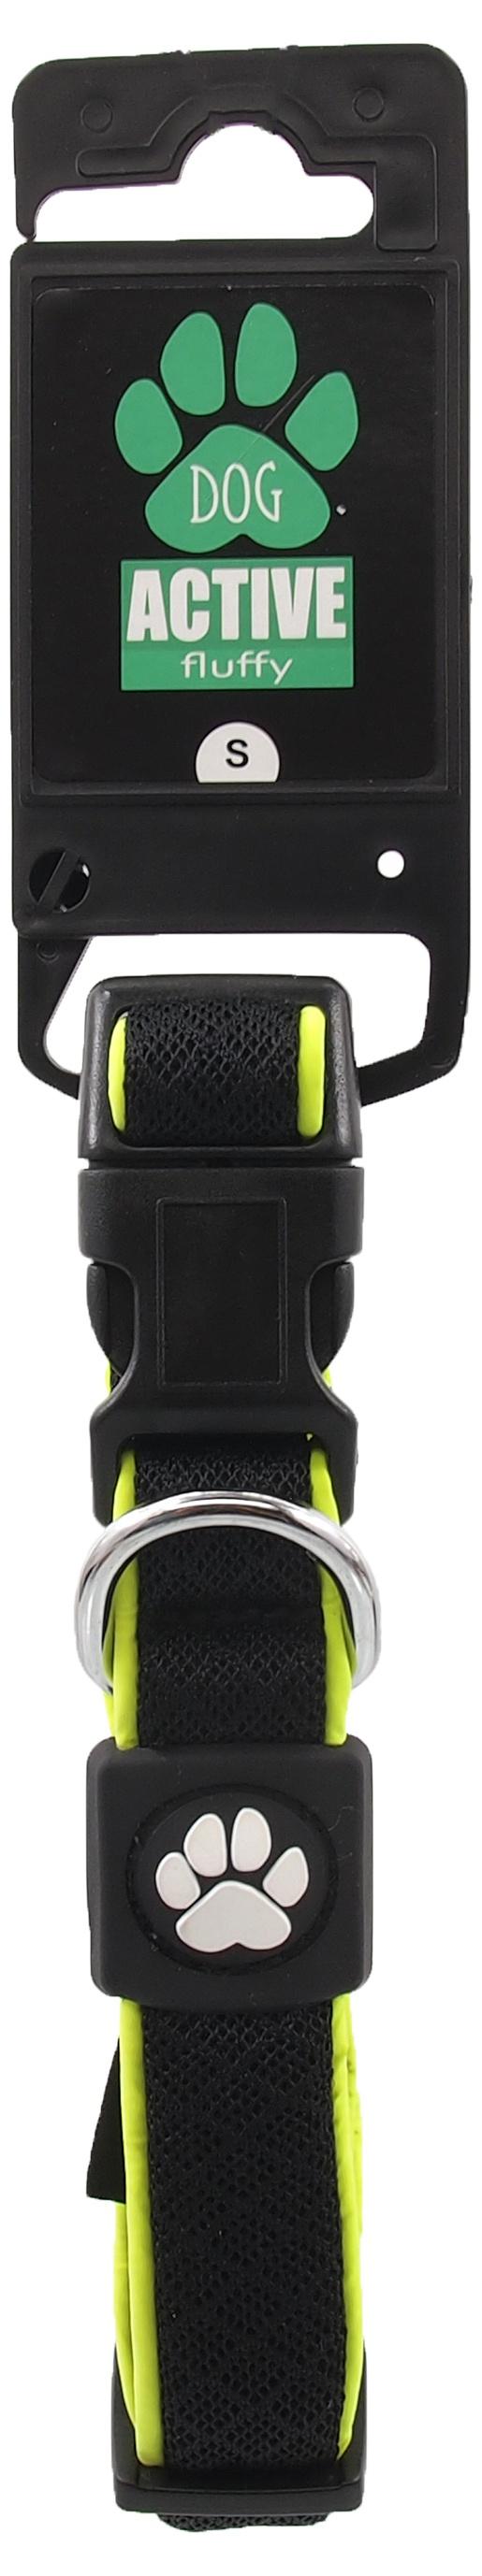 Obojek Active Dog Fluffy Reflective S černý 2x28-40cm